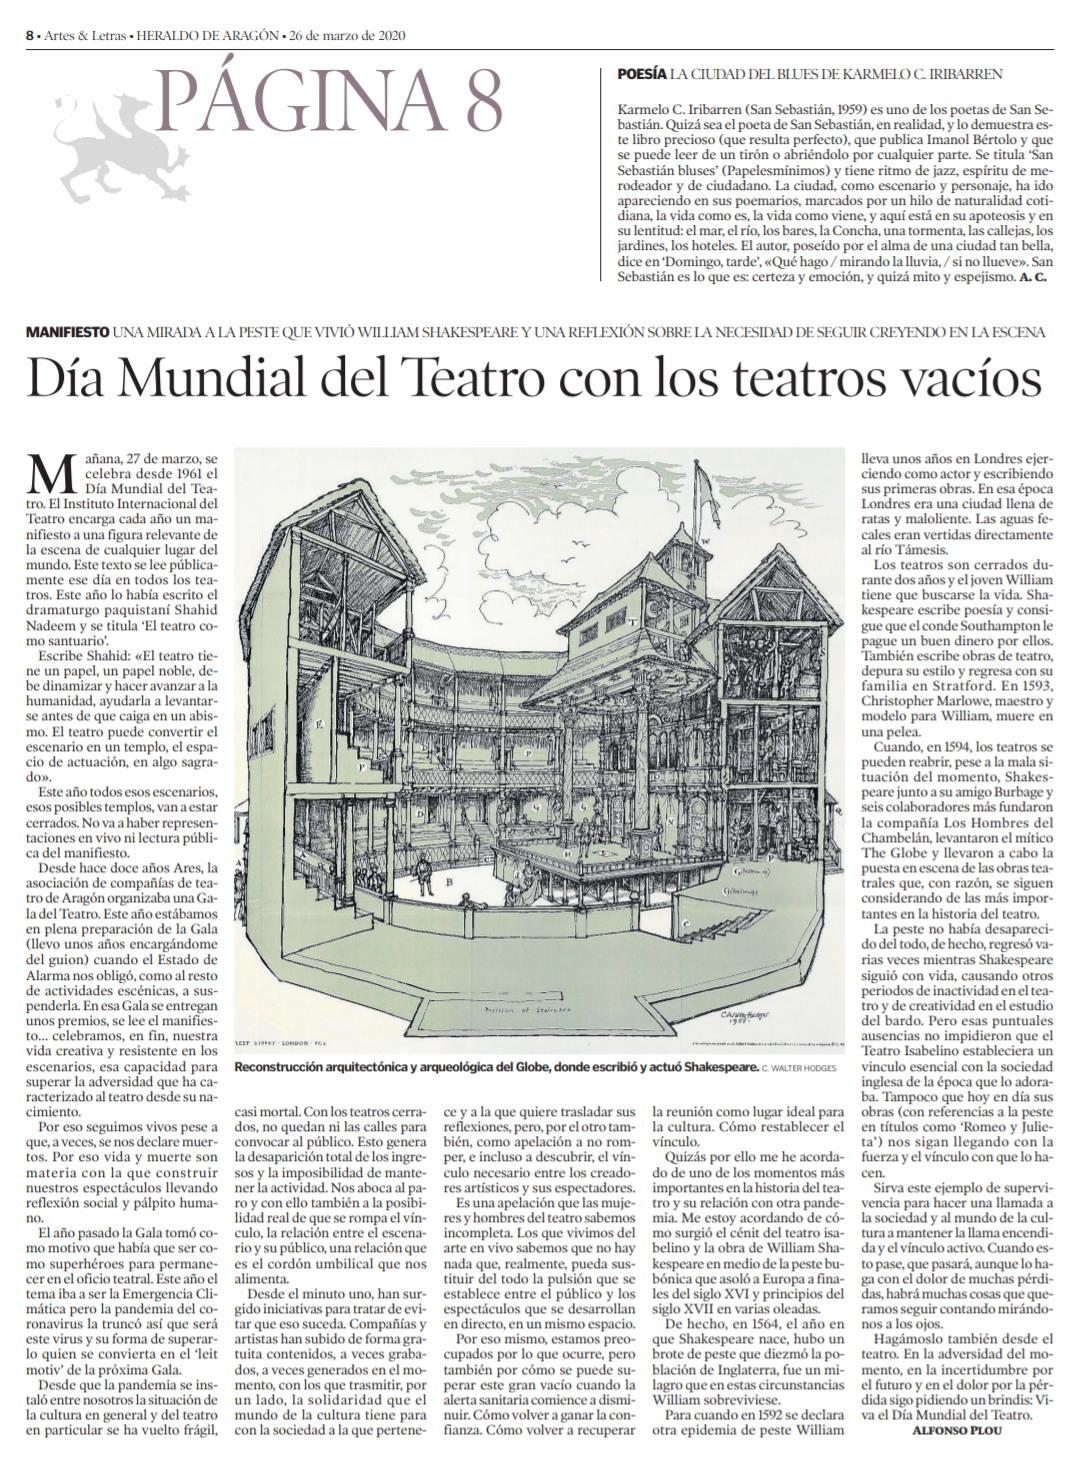 artes-y-letras-Heraldo-dia-mundial-teatro